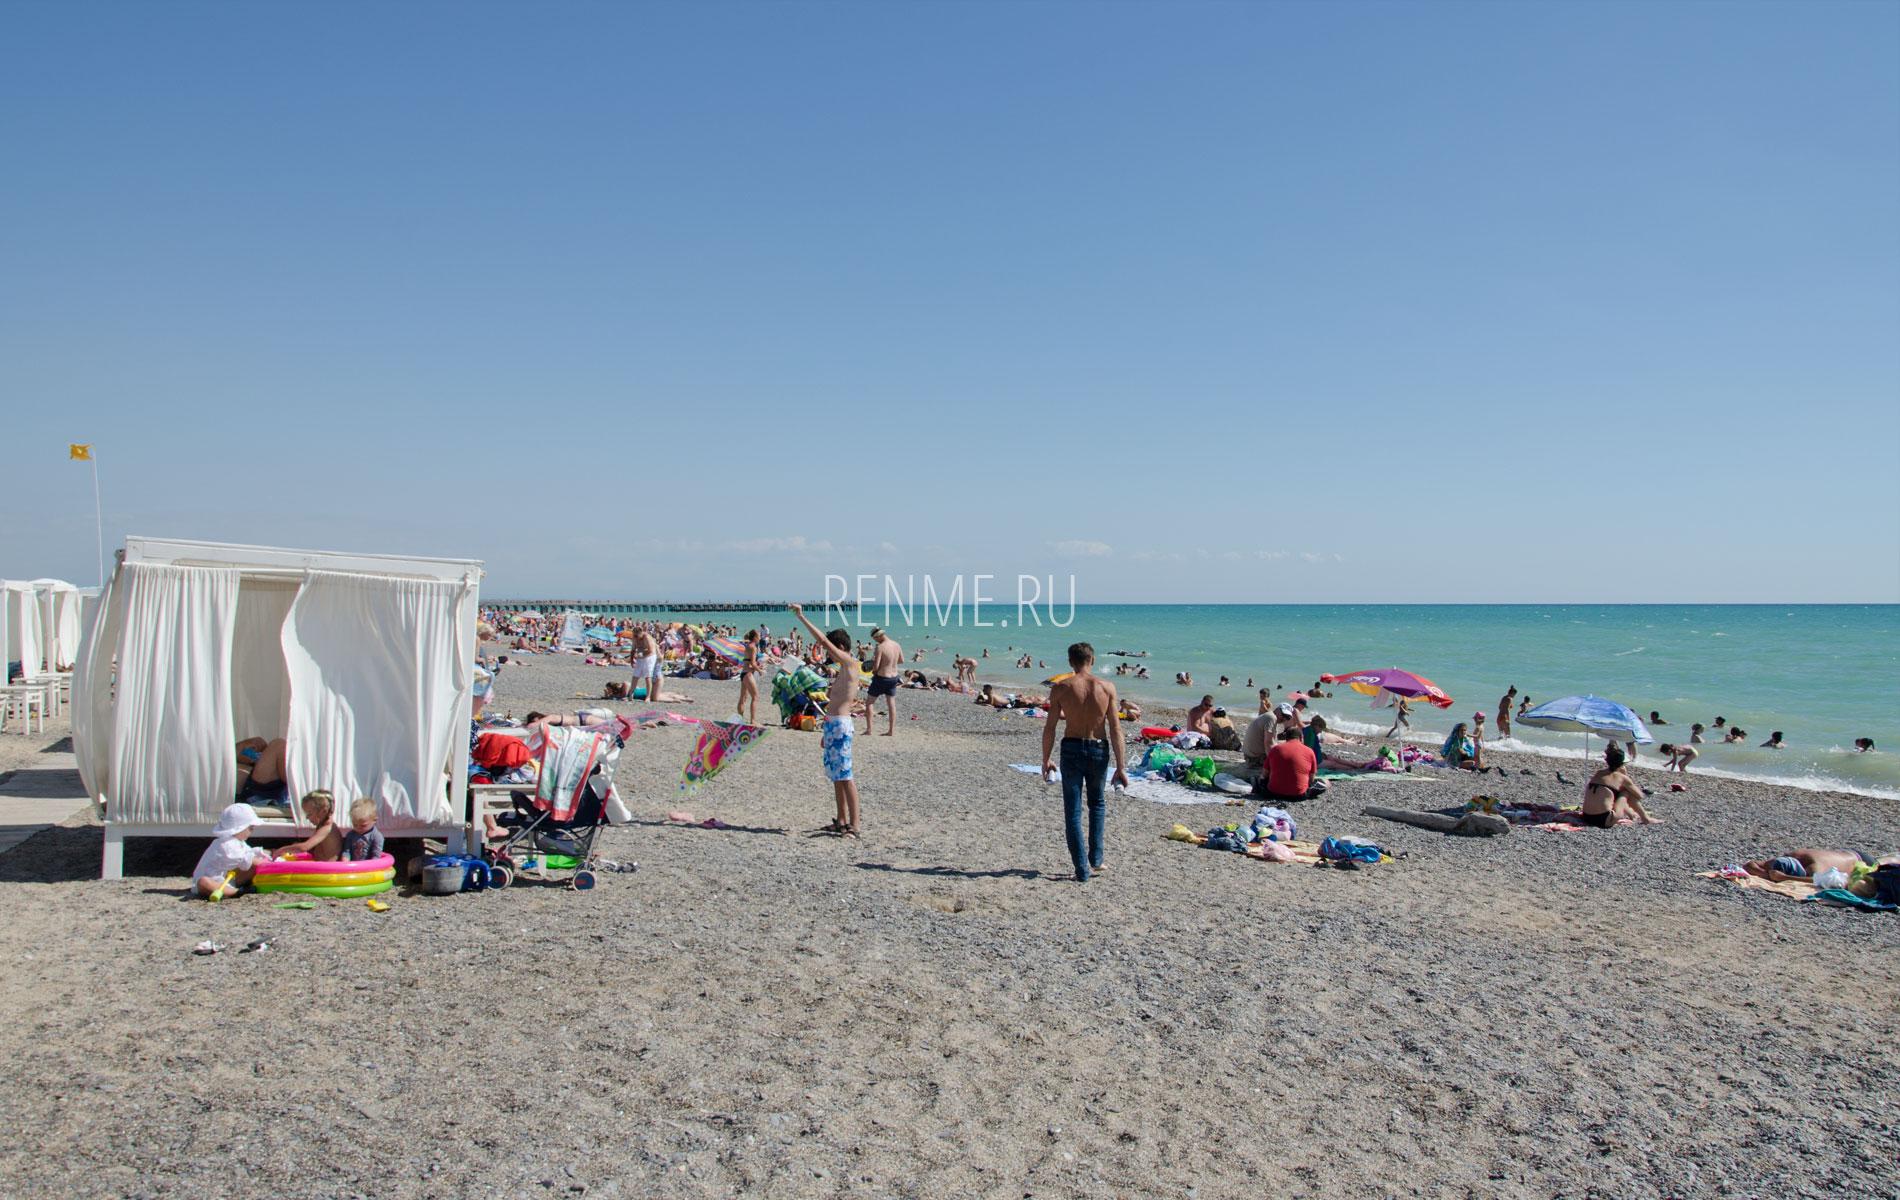 Пляж с бунгало в Новофедоровке. Фото Новофедоровки